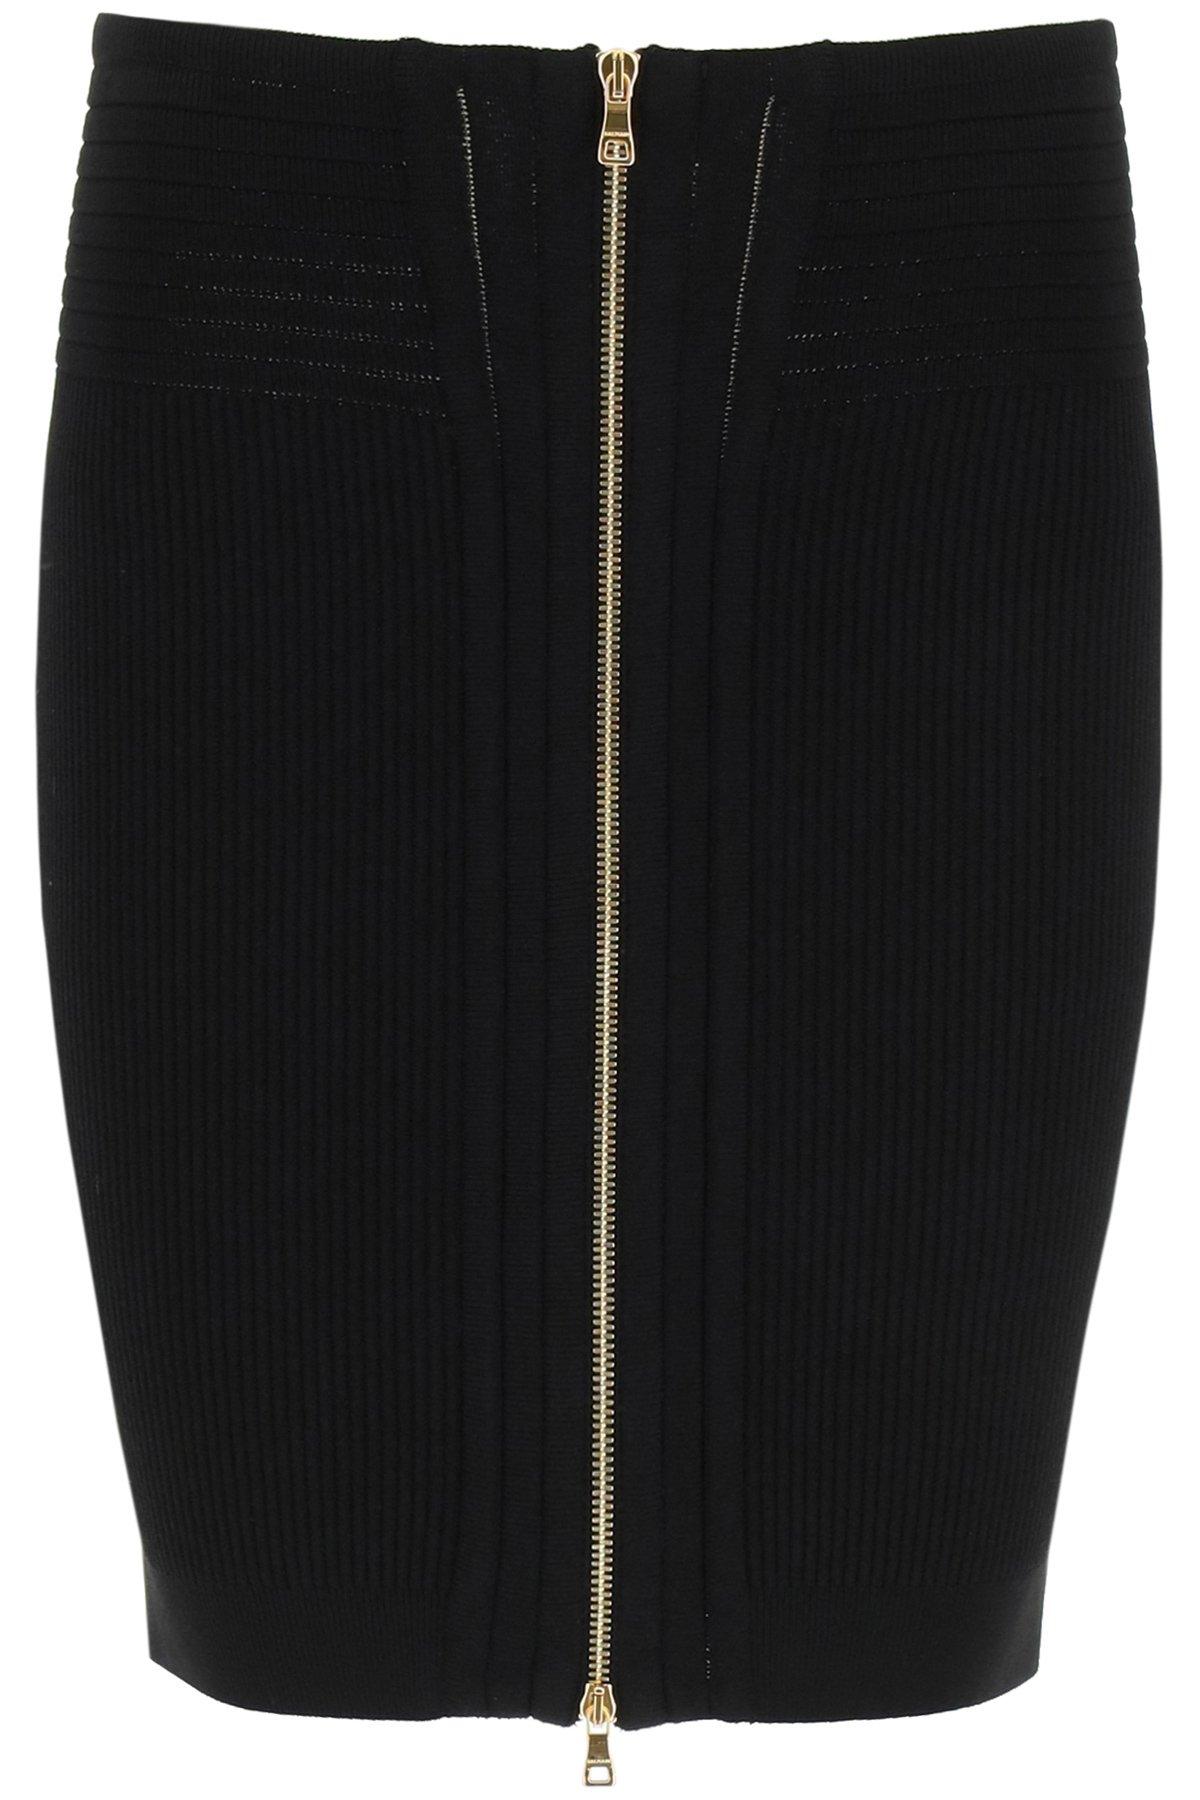 Balmain minigonna con zip